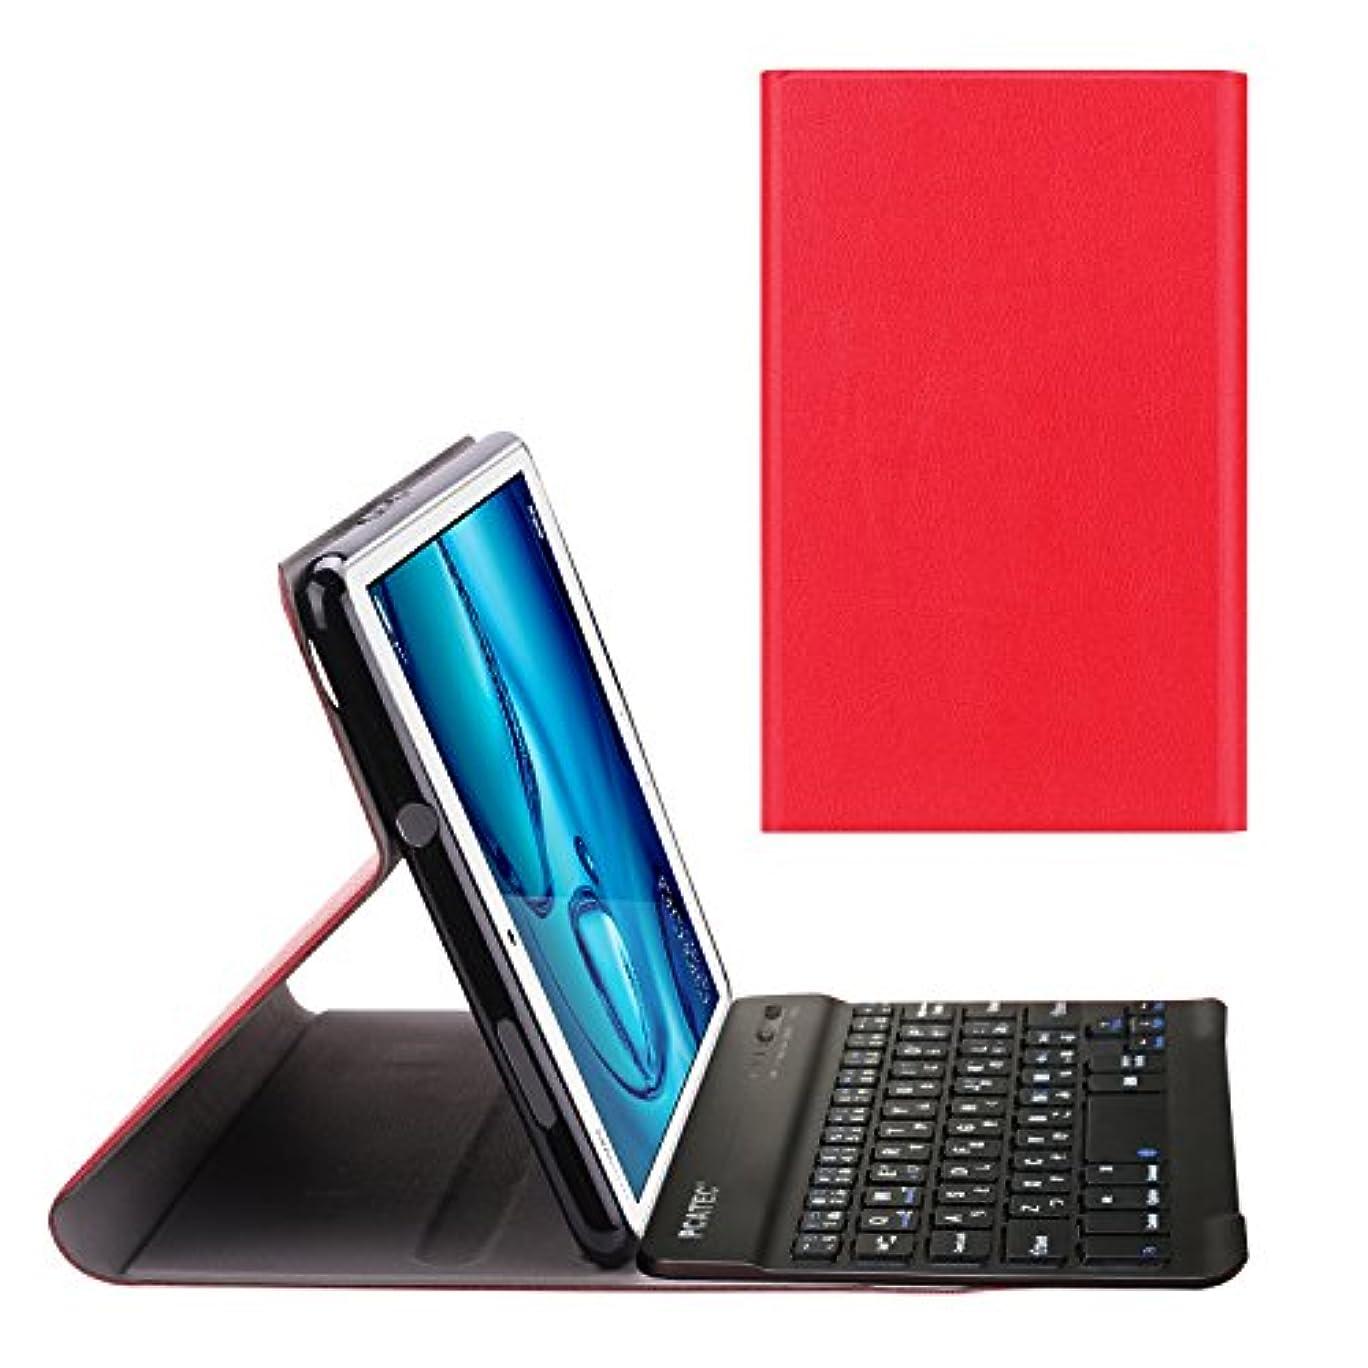 息切れセイはさておき不毛の【PCATEC】SoftBank MediaPad M3 Lite s/HUAWEI MediaPad M3 Lite 8.0 専用 超薄レザーTPUケース付き Bluetooth キーボード☆US配列☆日本語かな入力対応 (レッド)